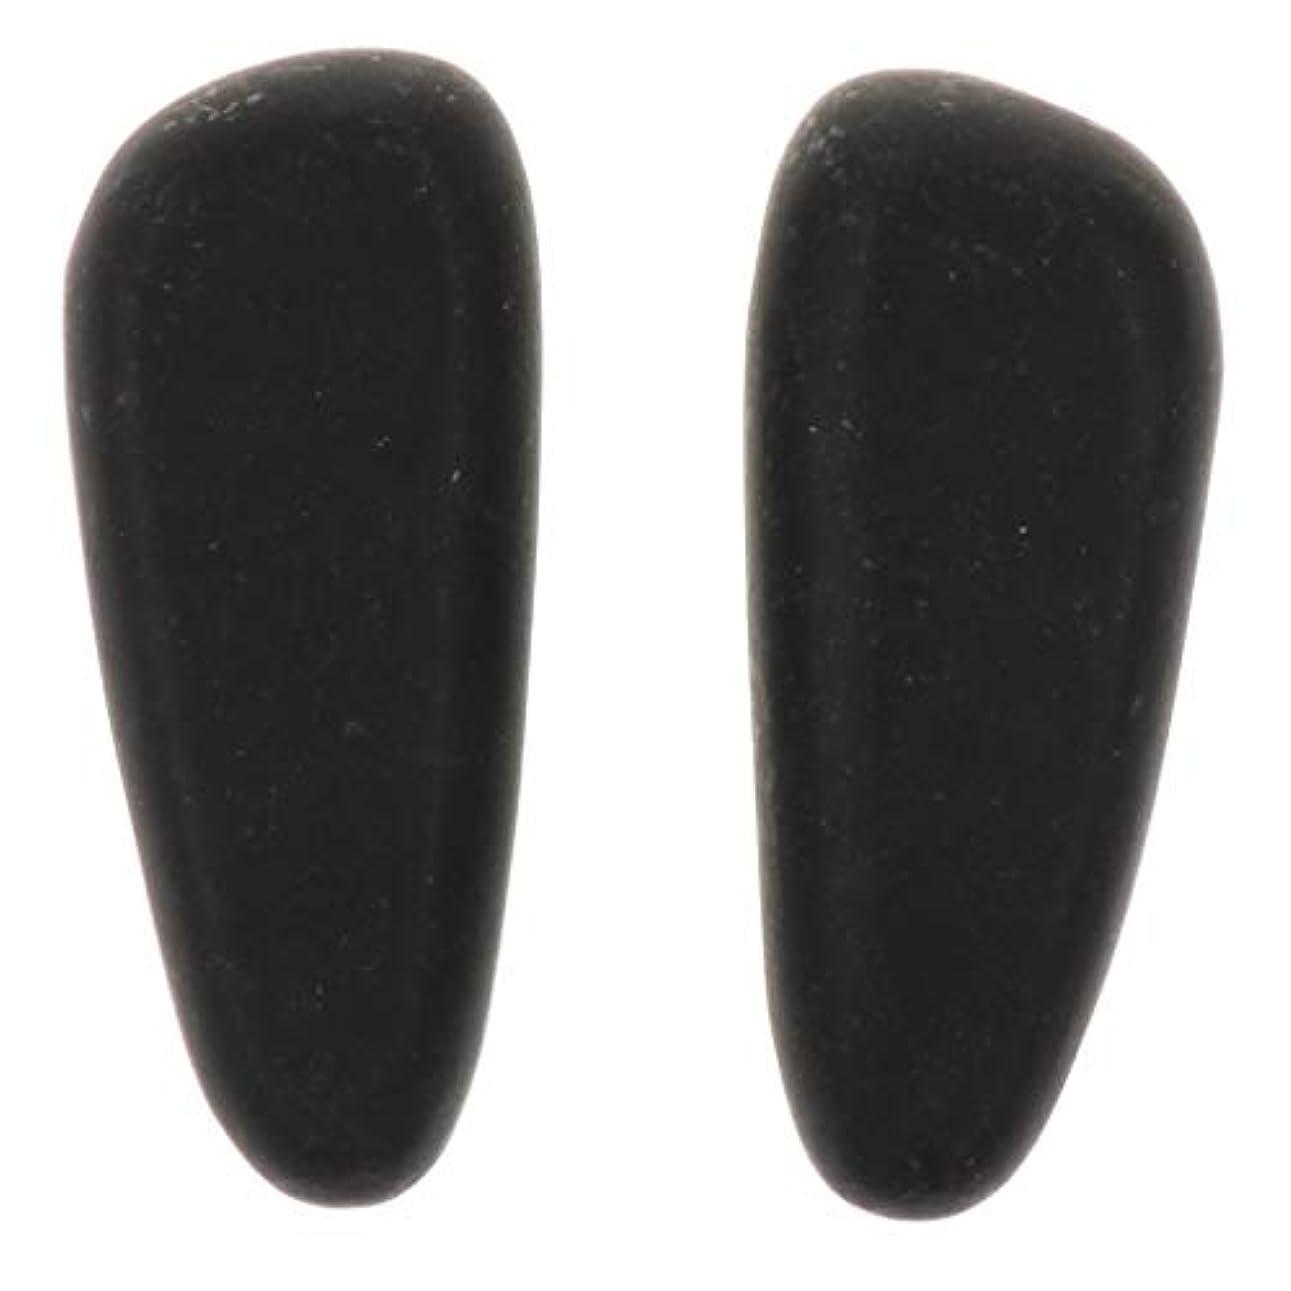 素子蓋スプーンマッサージ石 マッサージストーン 玄武岩 ボディマッサージ ツボ押し リラクゼーション 全2サイズ - 8×3.2×2cm